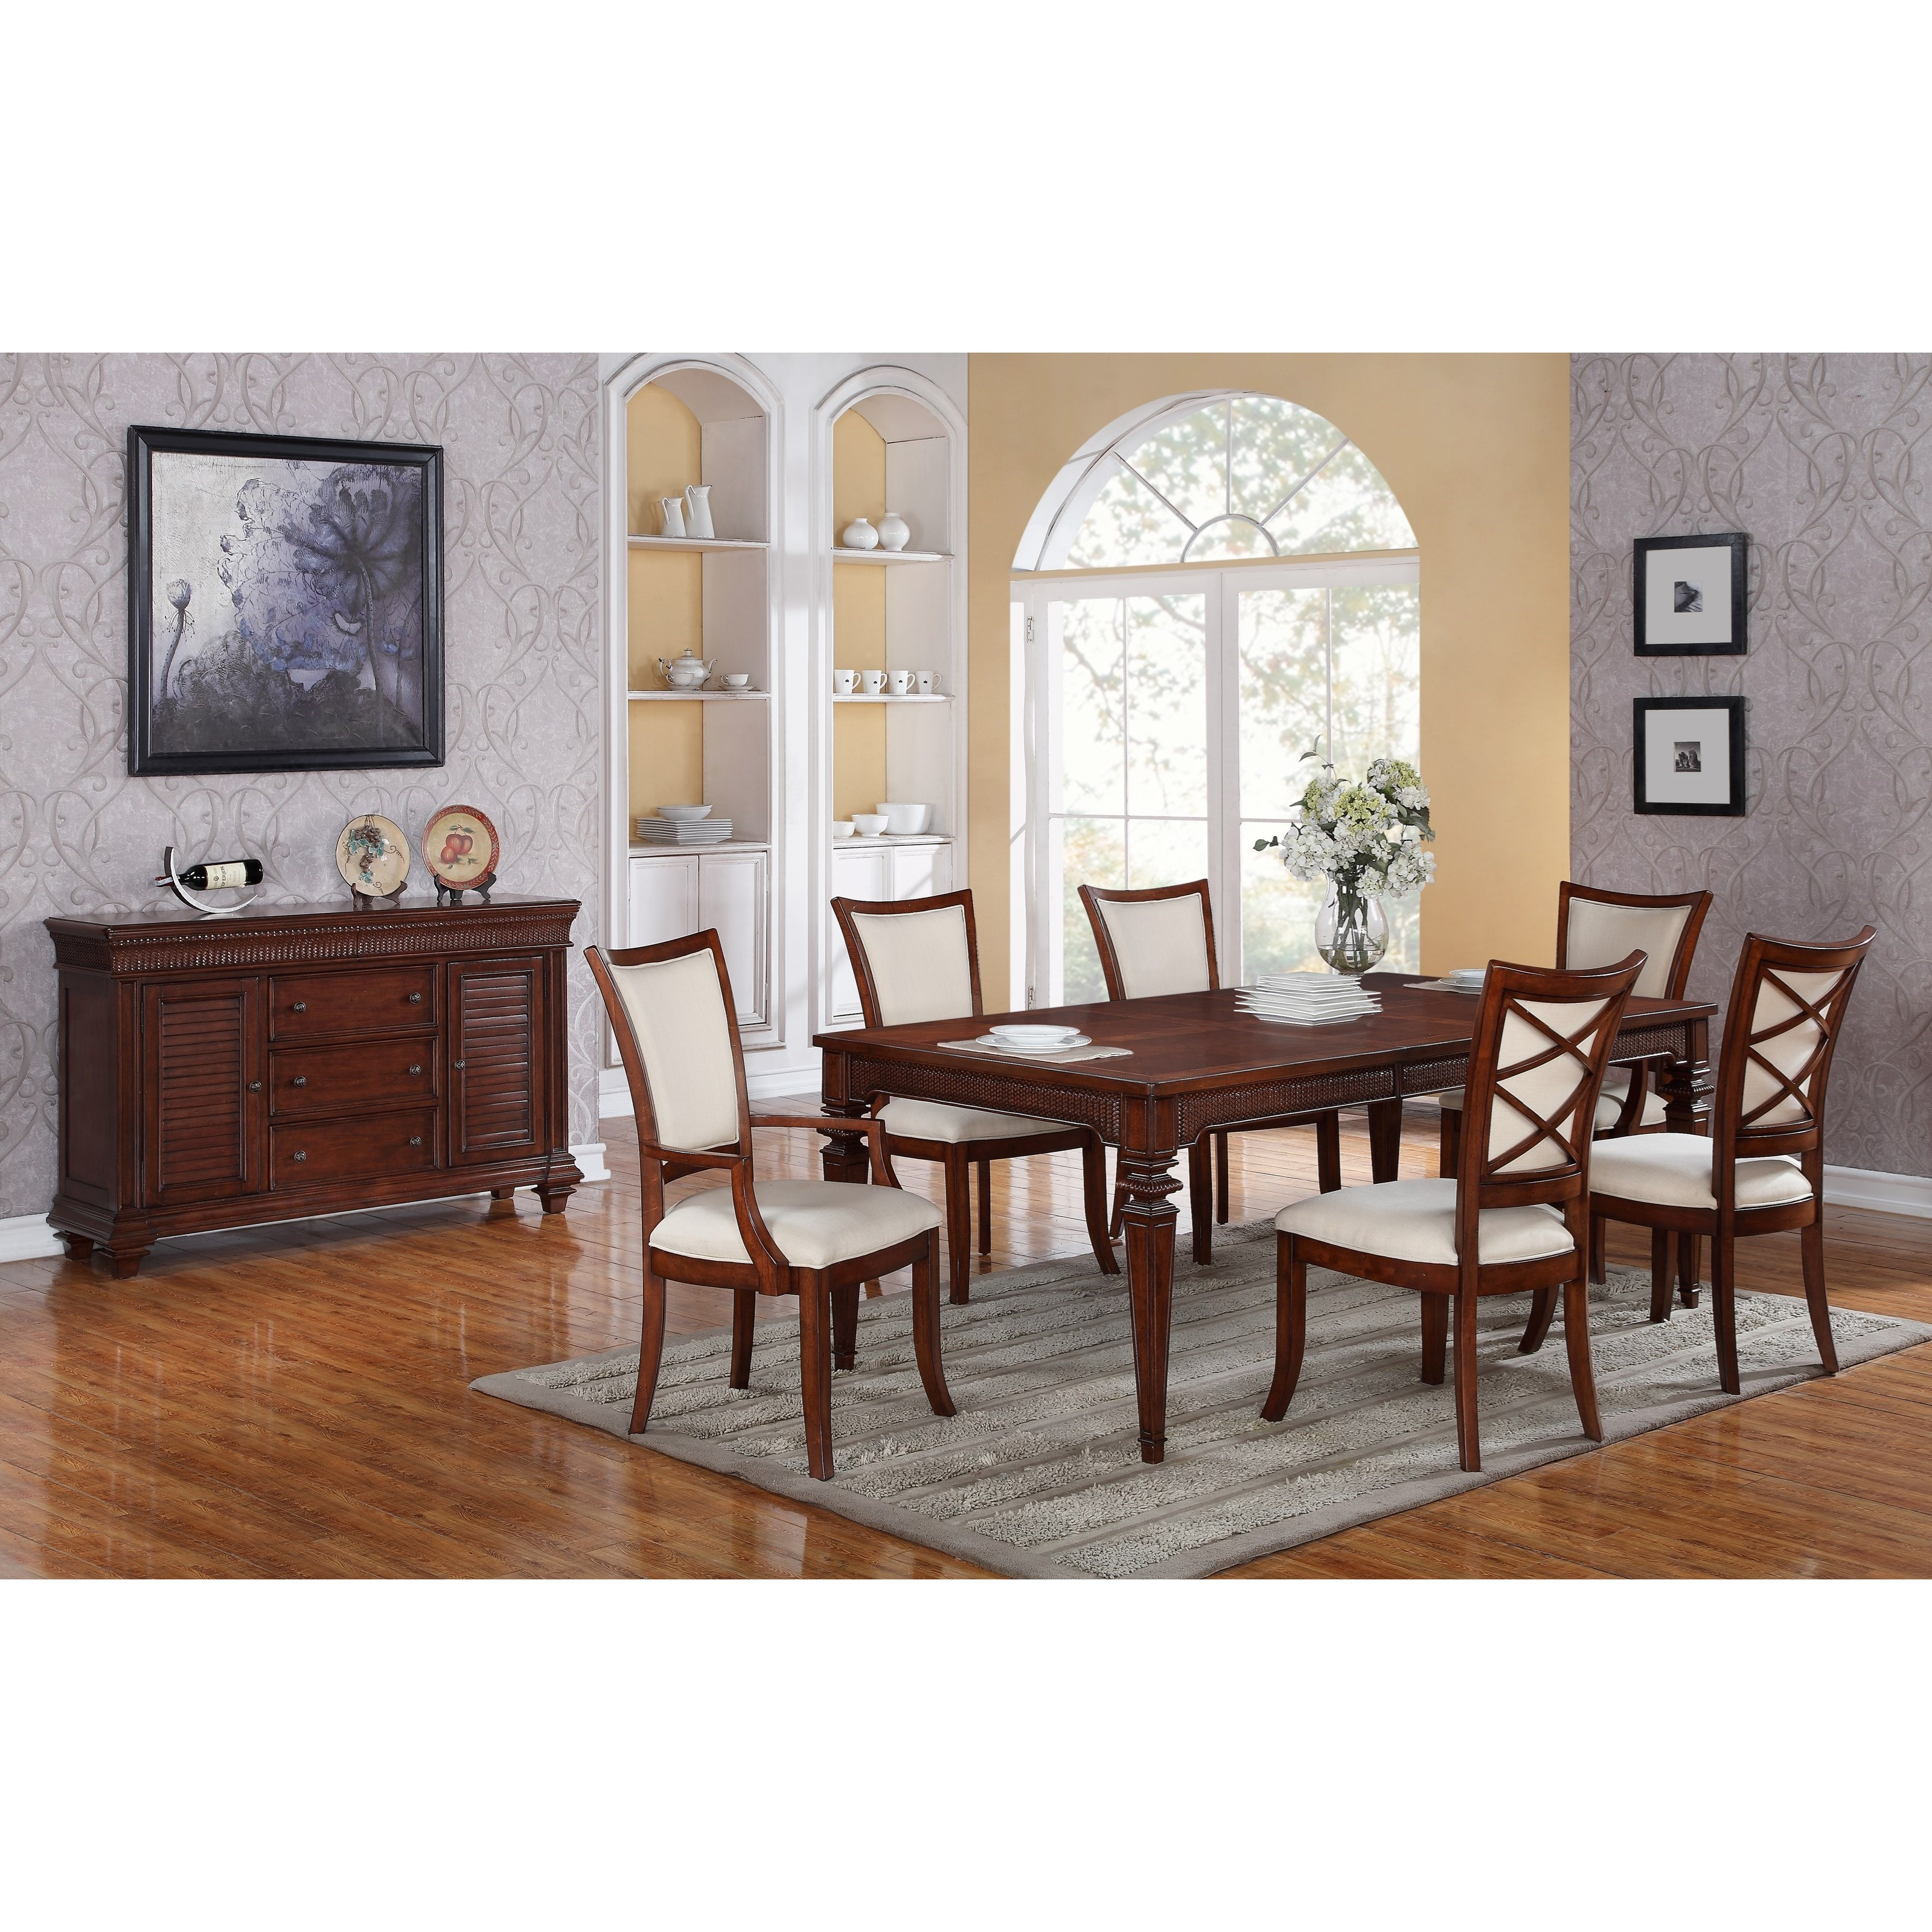 Riverside furniture windward bay formal dining room group for Hudsons furniture